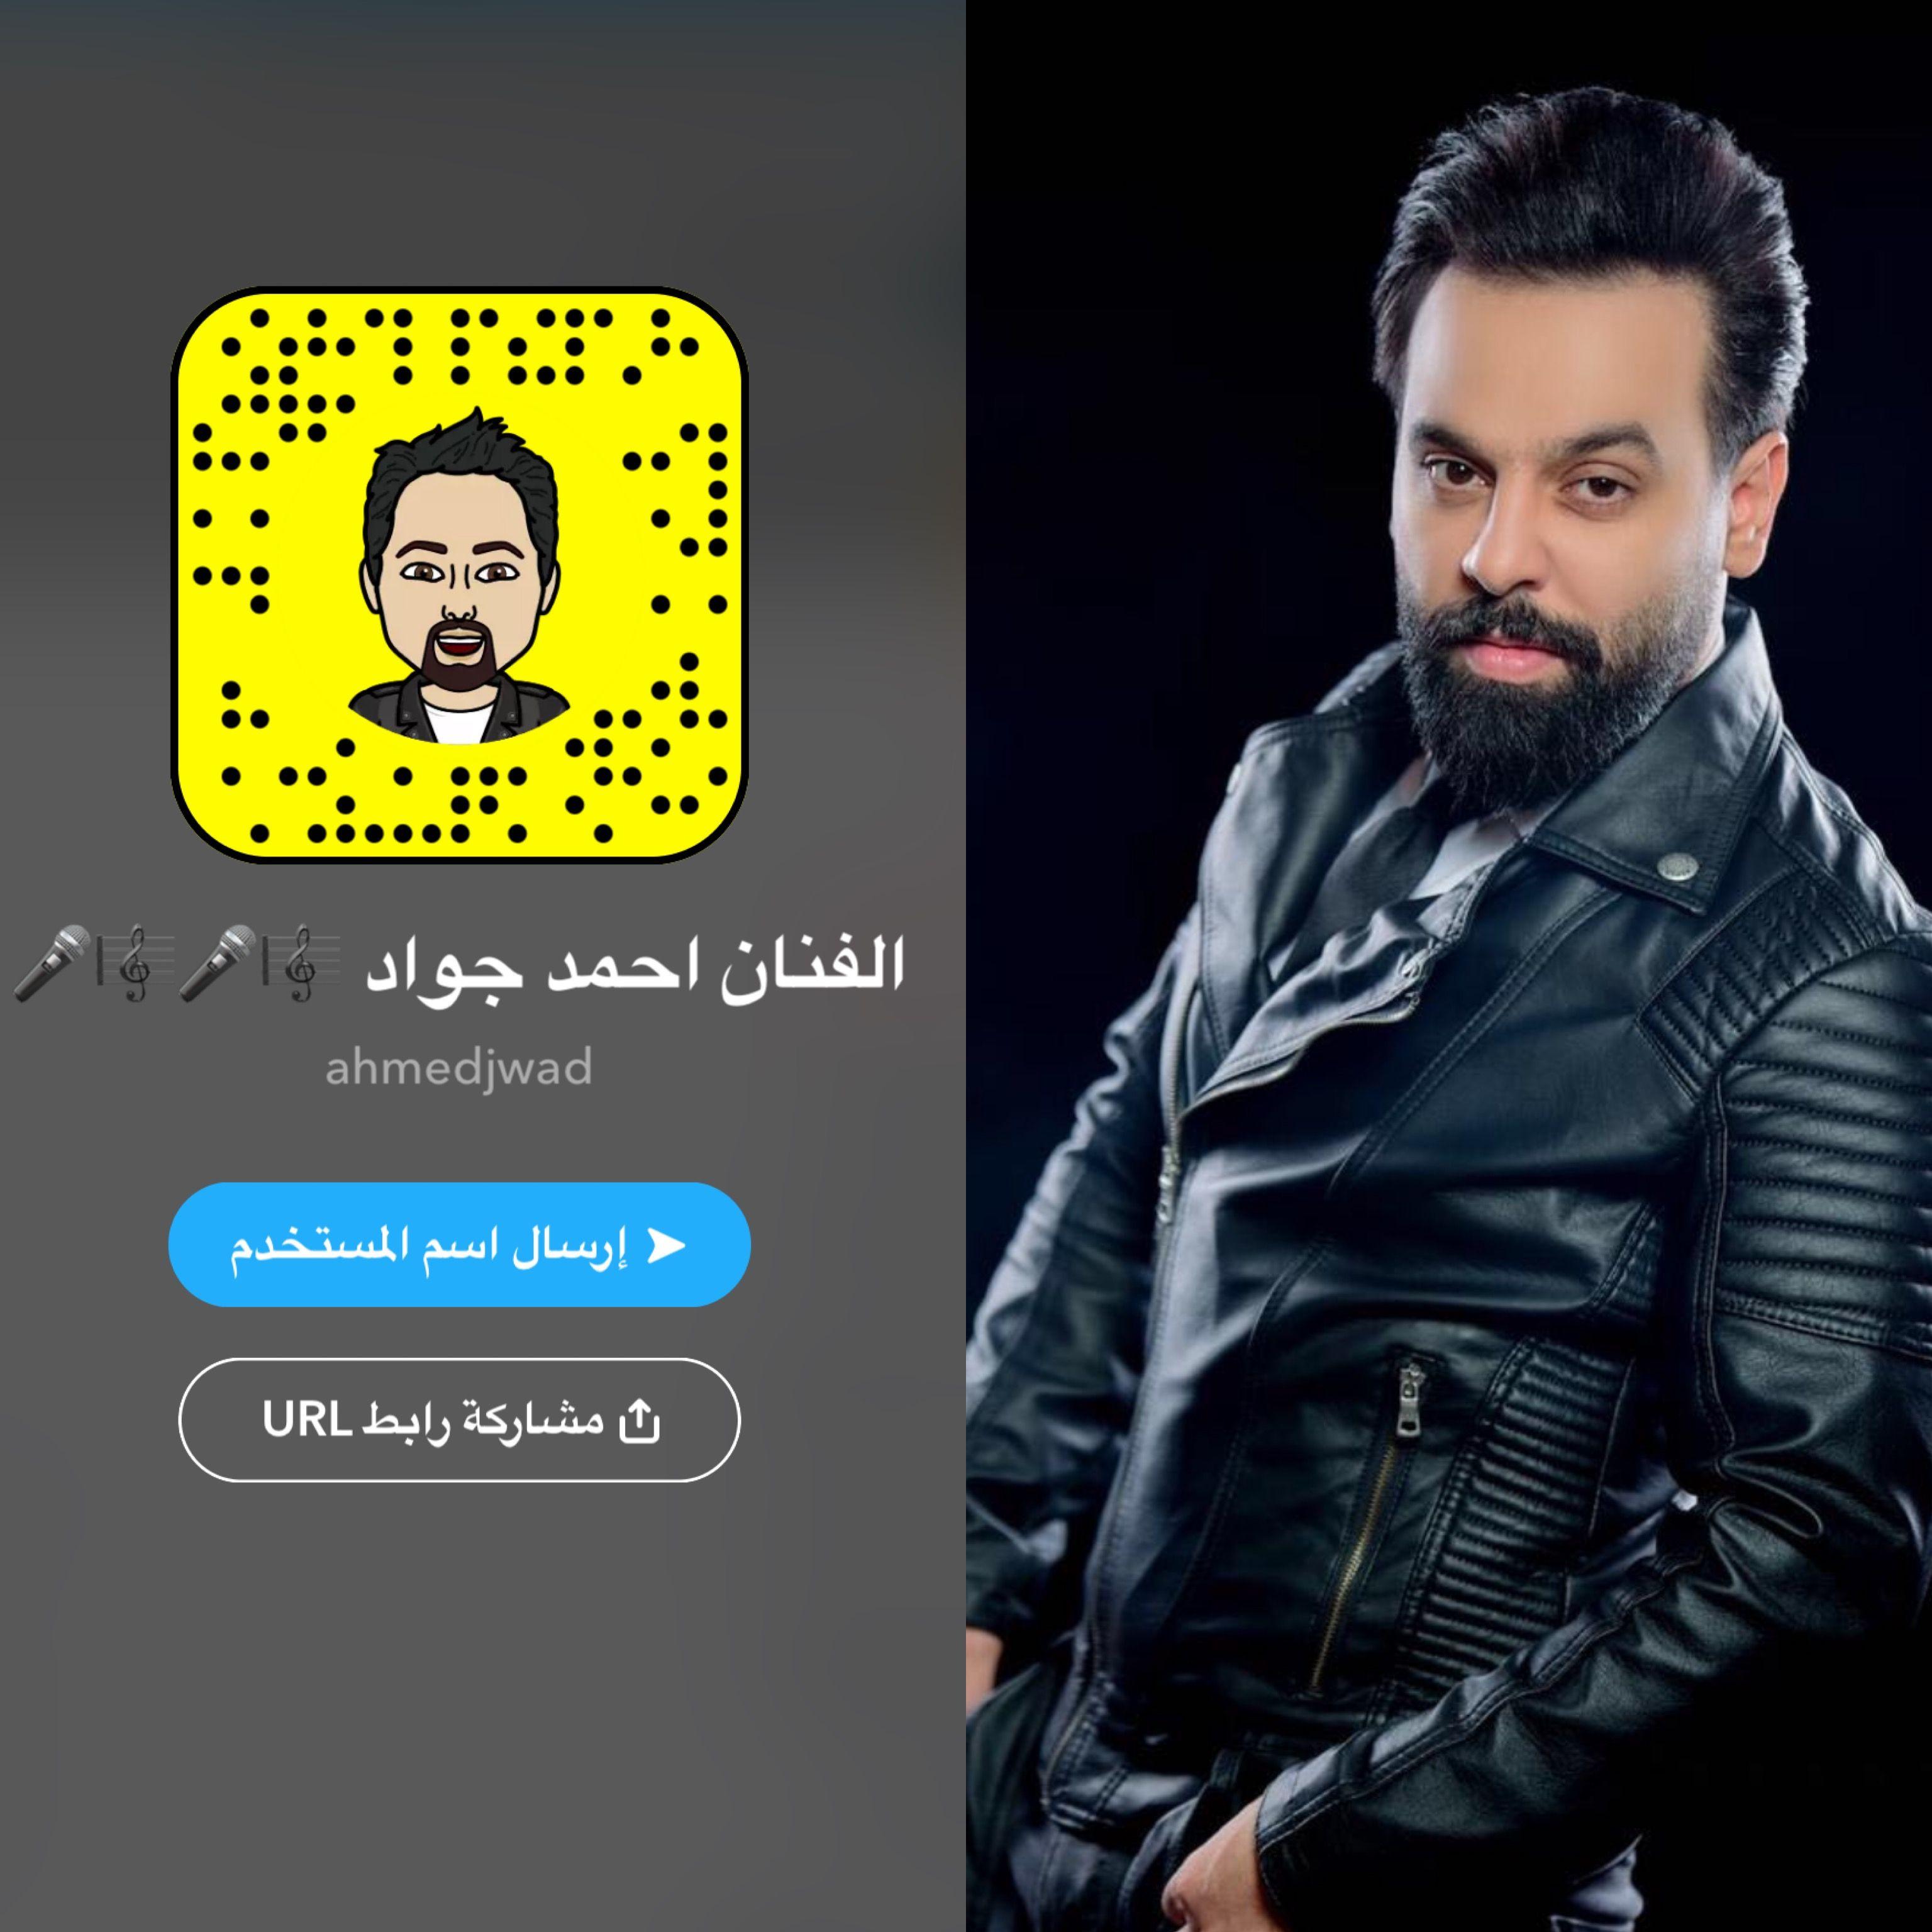 الفنان احمد جواد Snapchat Screenshot Snapchat Screenshots